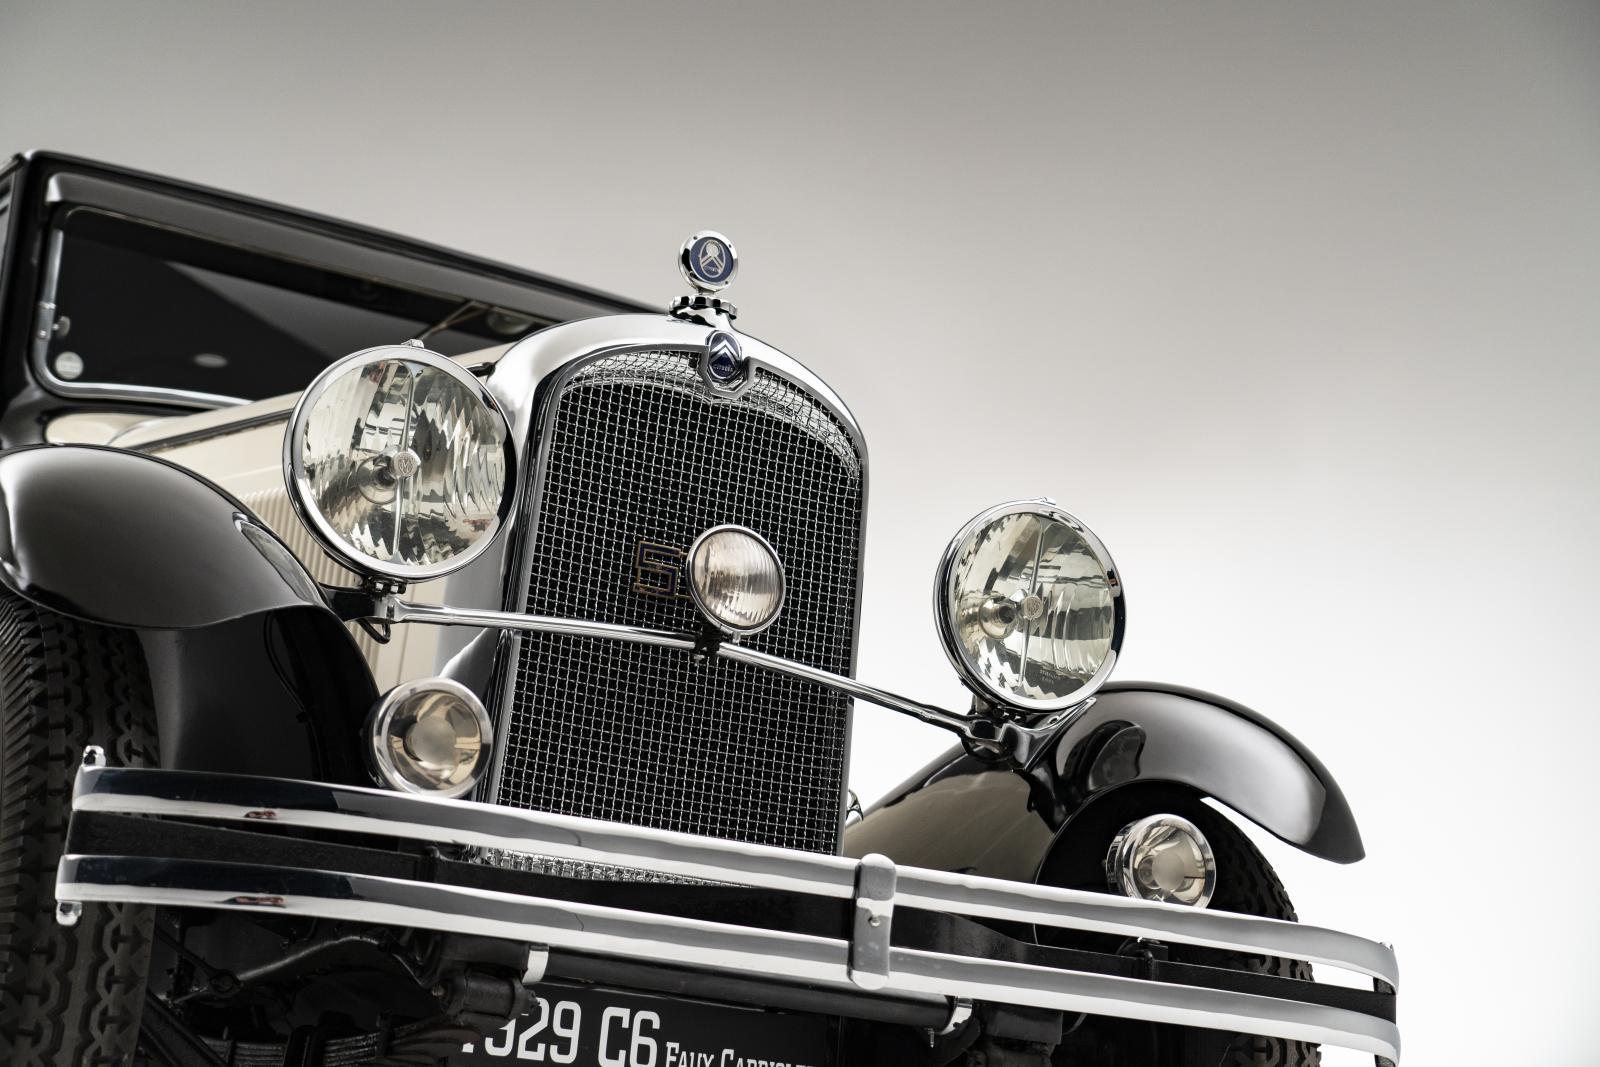 C6 Faux Cabriolet